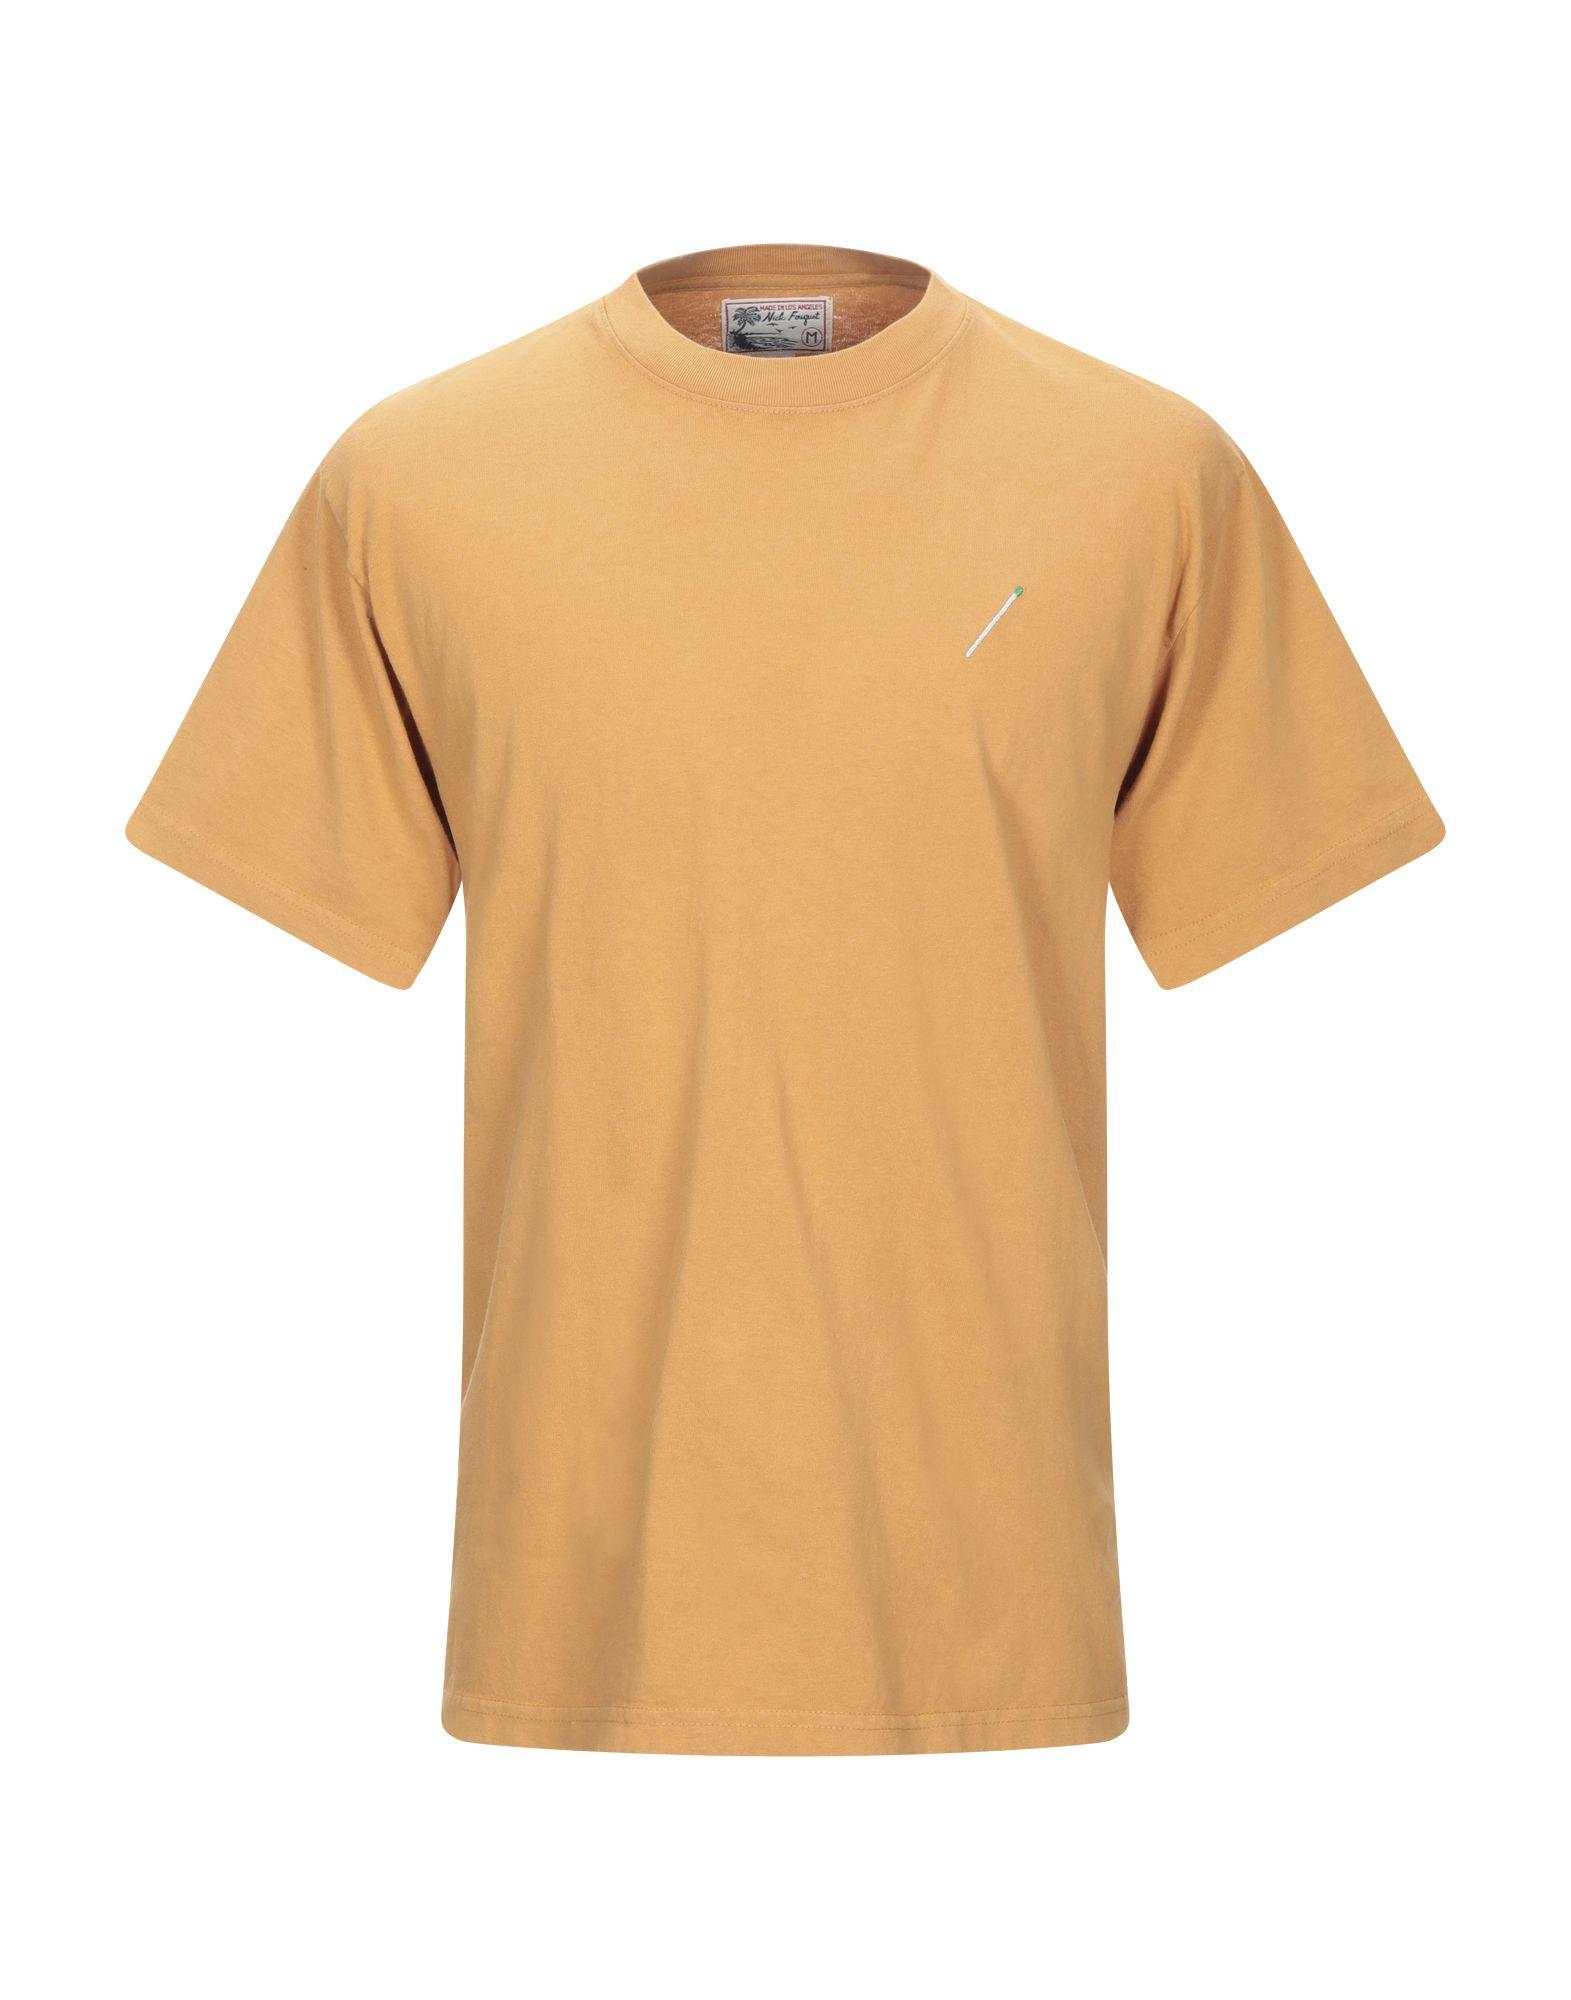 《期間限定セール開催中!》NICK FOUGUET メンズ T シャツ キャメル S コットン 100%